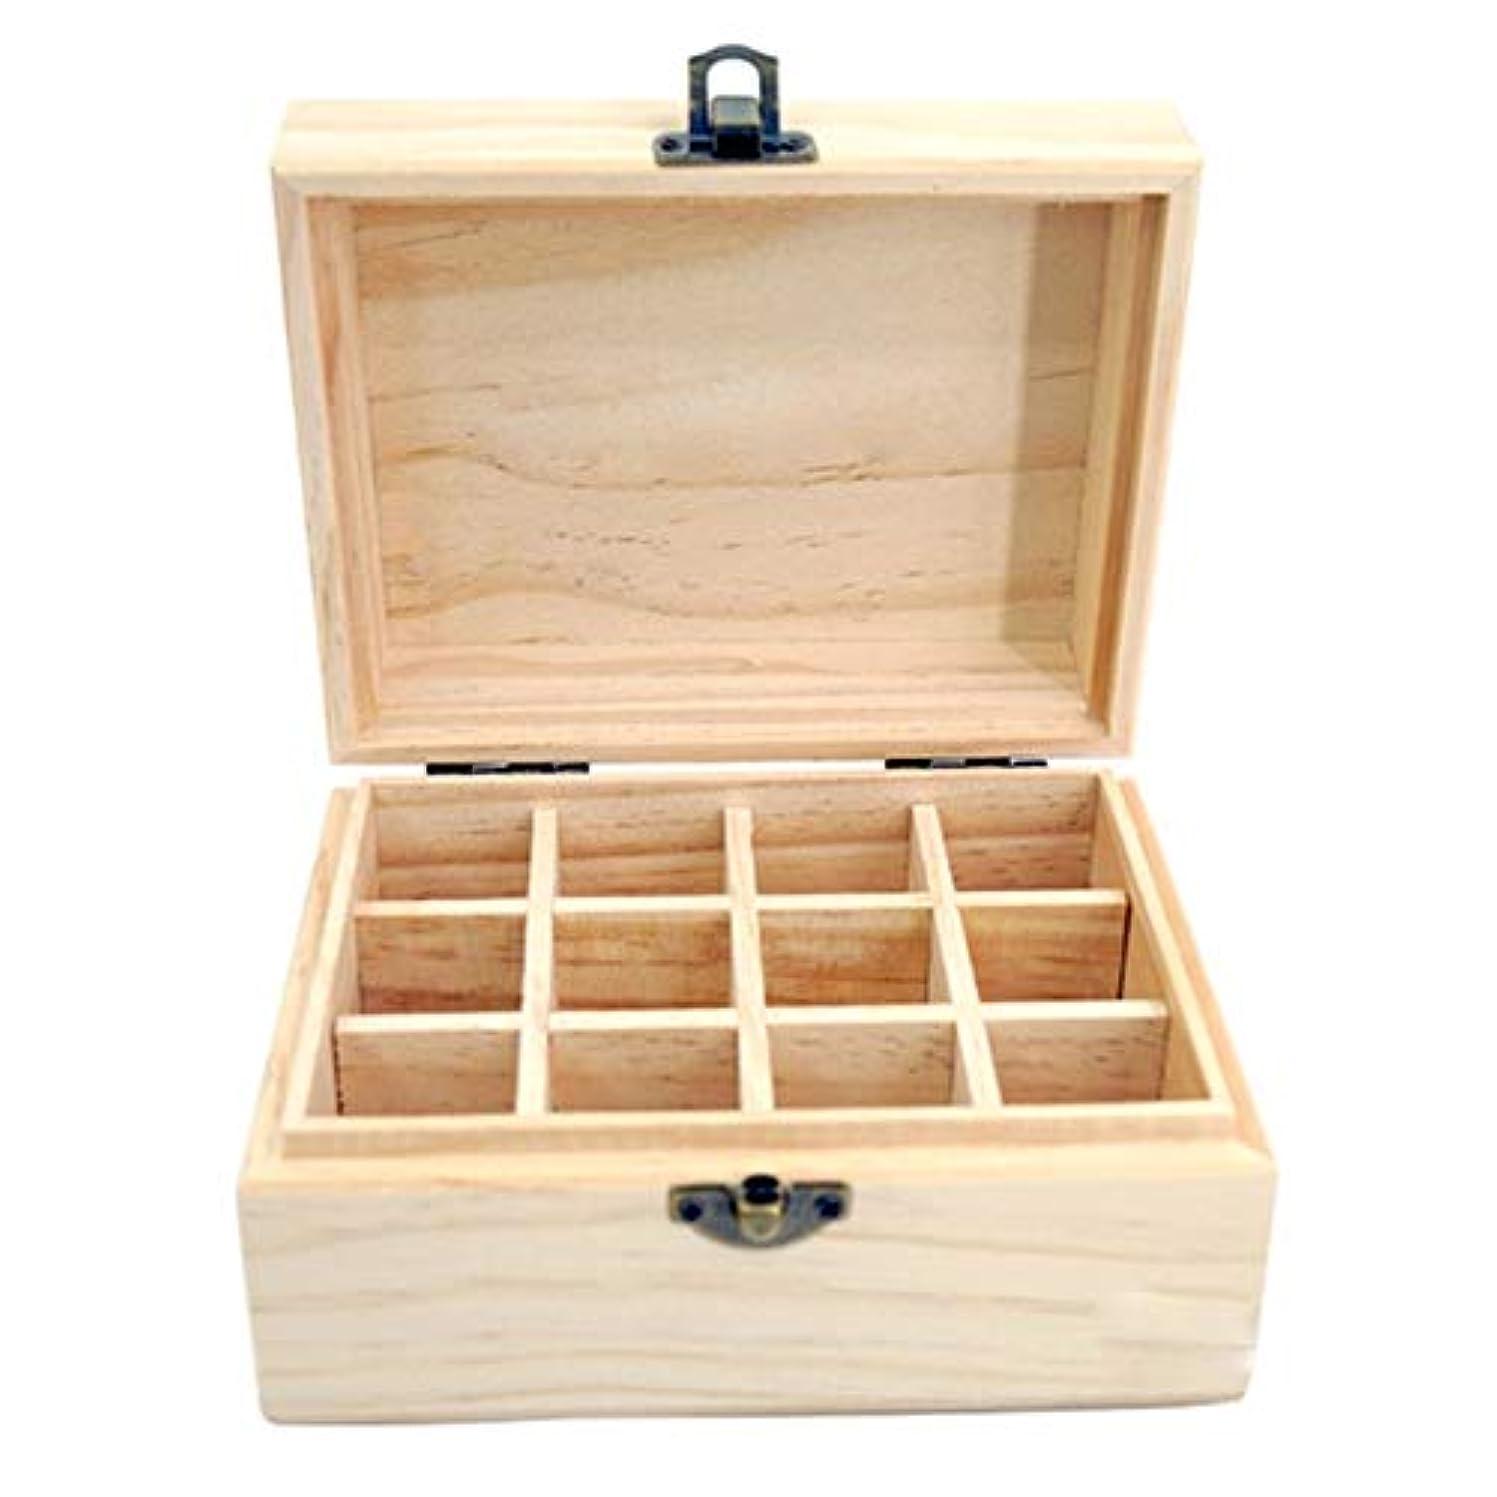 アイドル違法トロリーバス12スロットエッセンシャルオイル木箱の収納ケースは、あなたの油安全保護さを保つ保護します アロマセラピー製品 (色 : Natural, サイズ : 15X11.5X8CM)